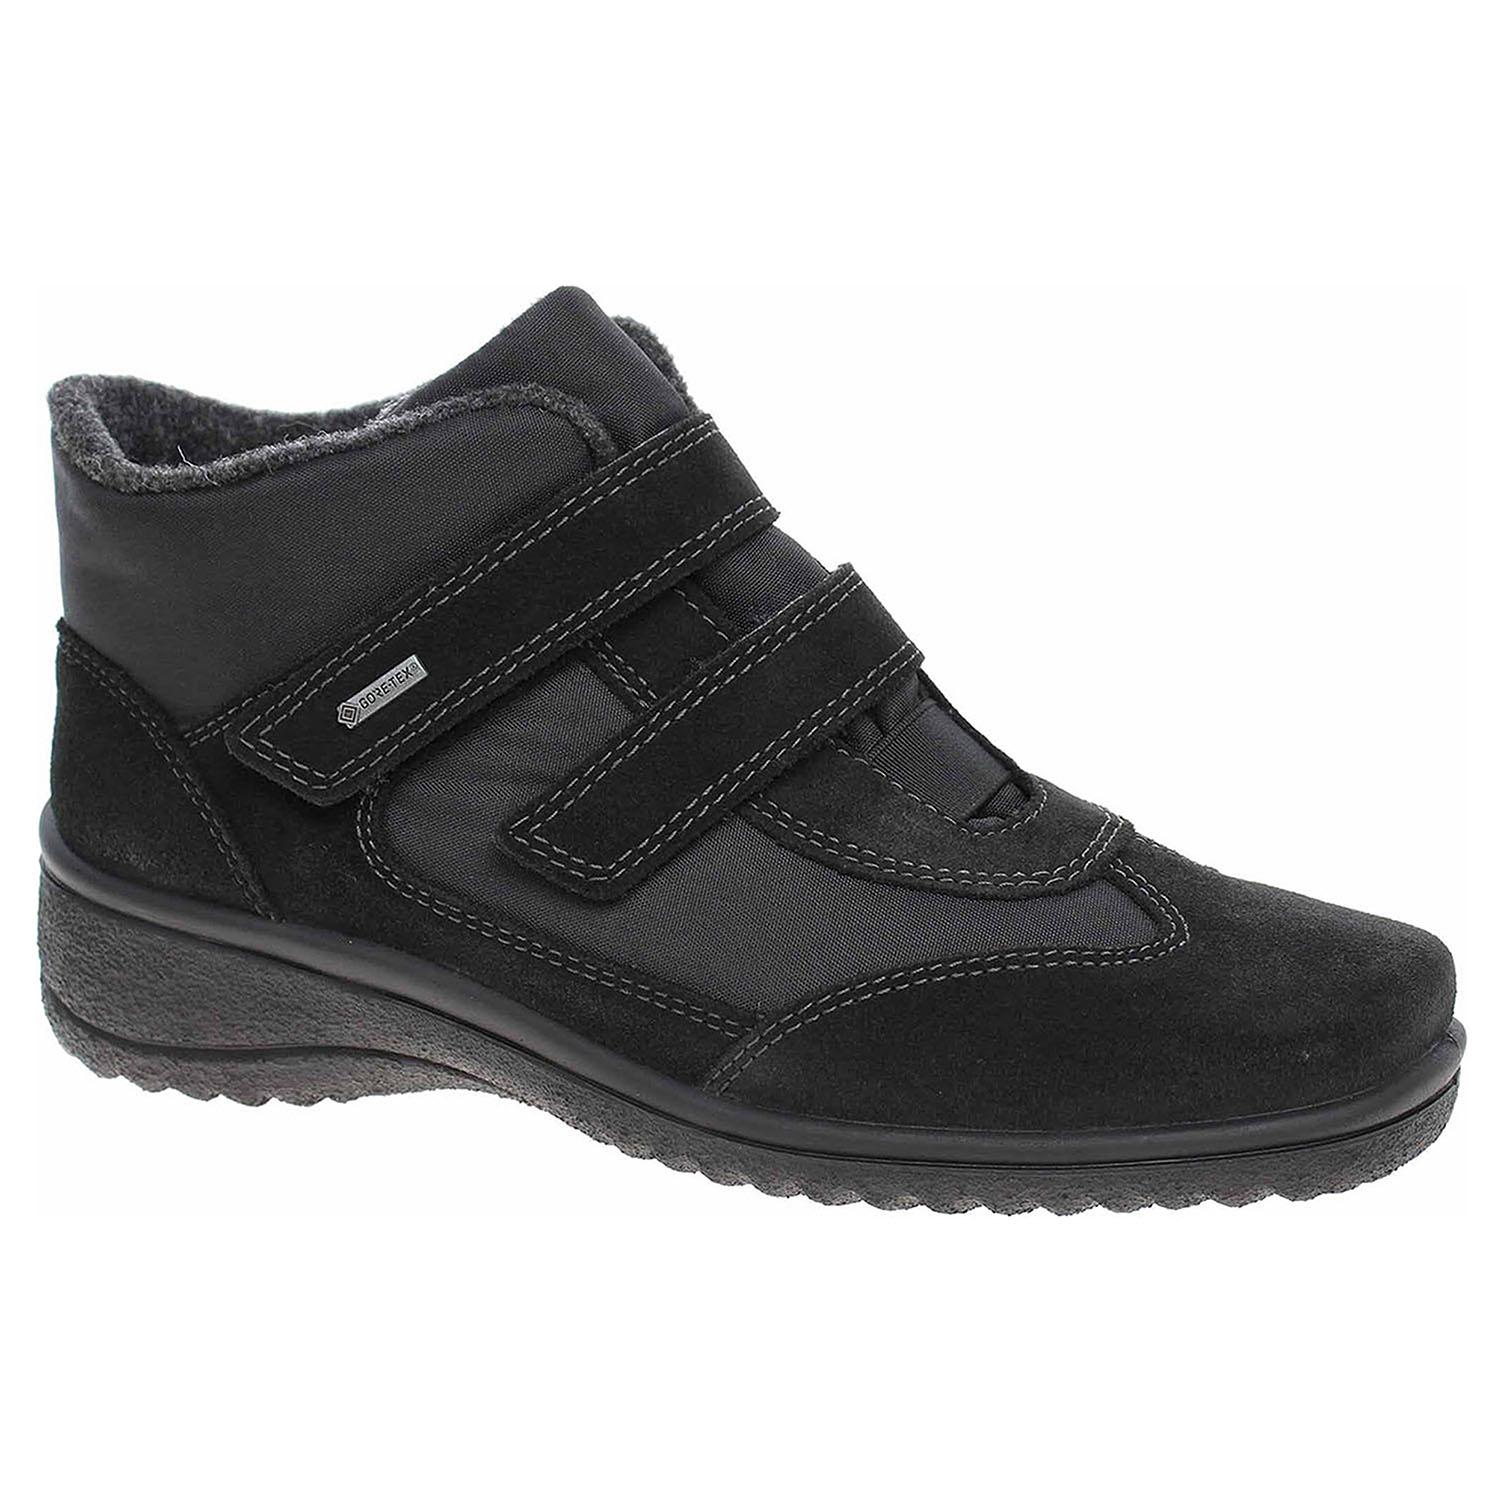 Dámská kotníková obuv Ara 48518-61 schwarz 12-48518-61 38